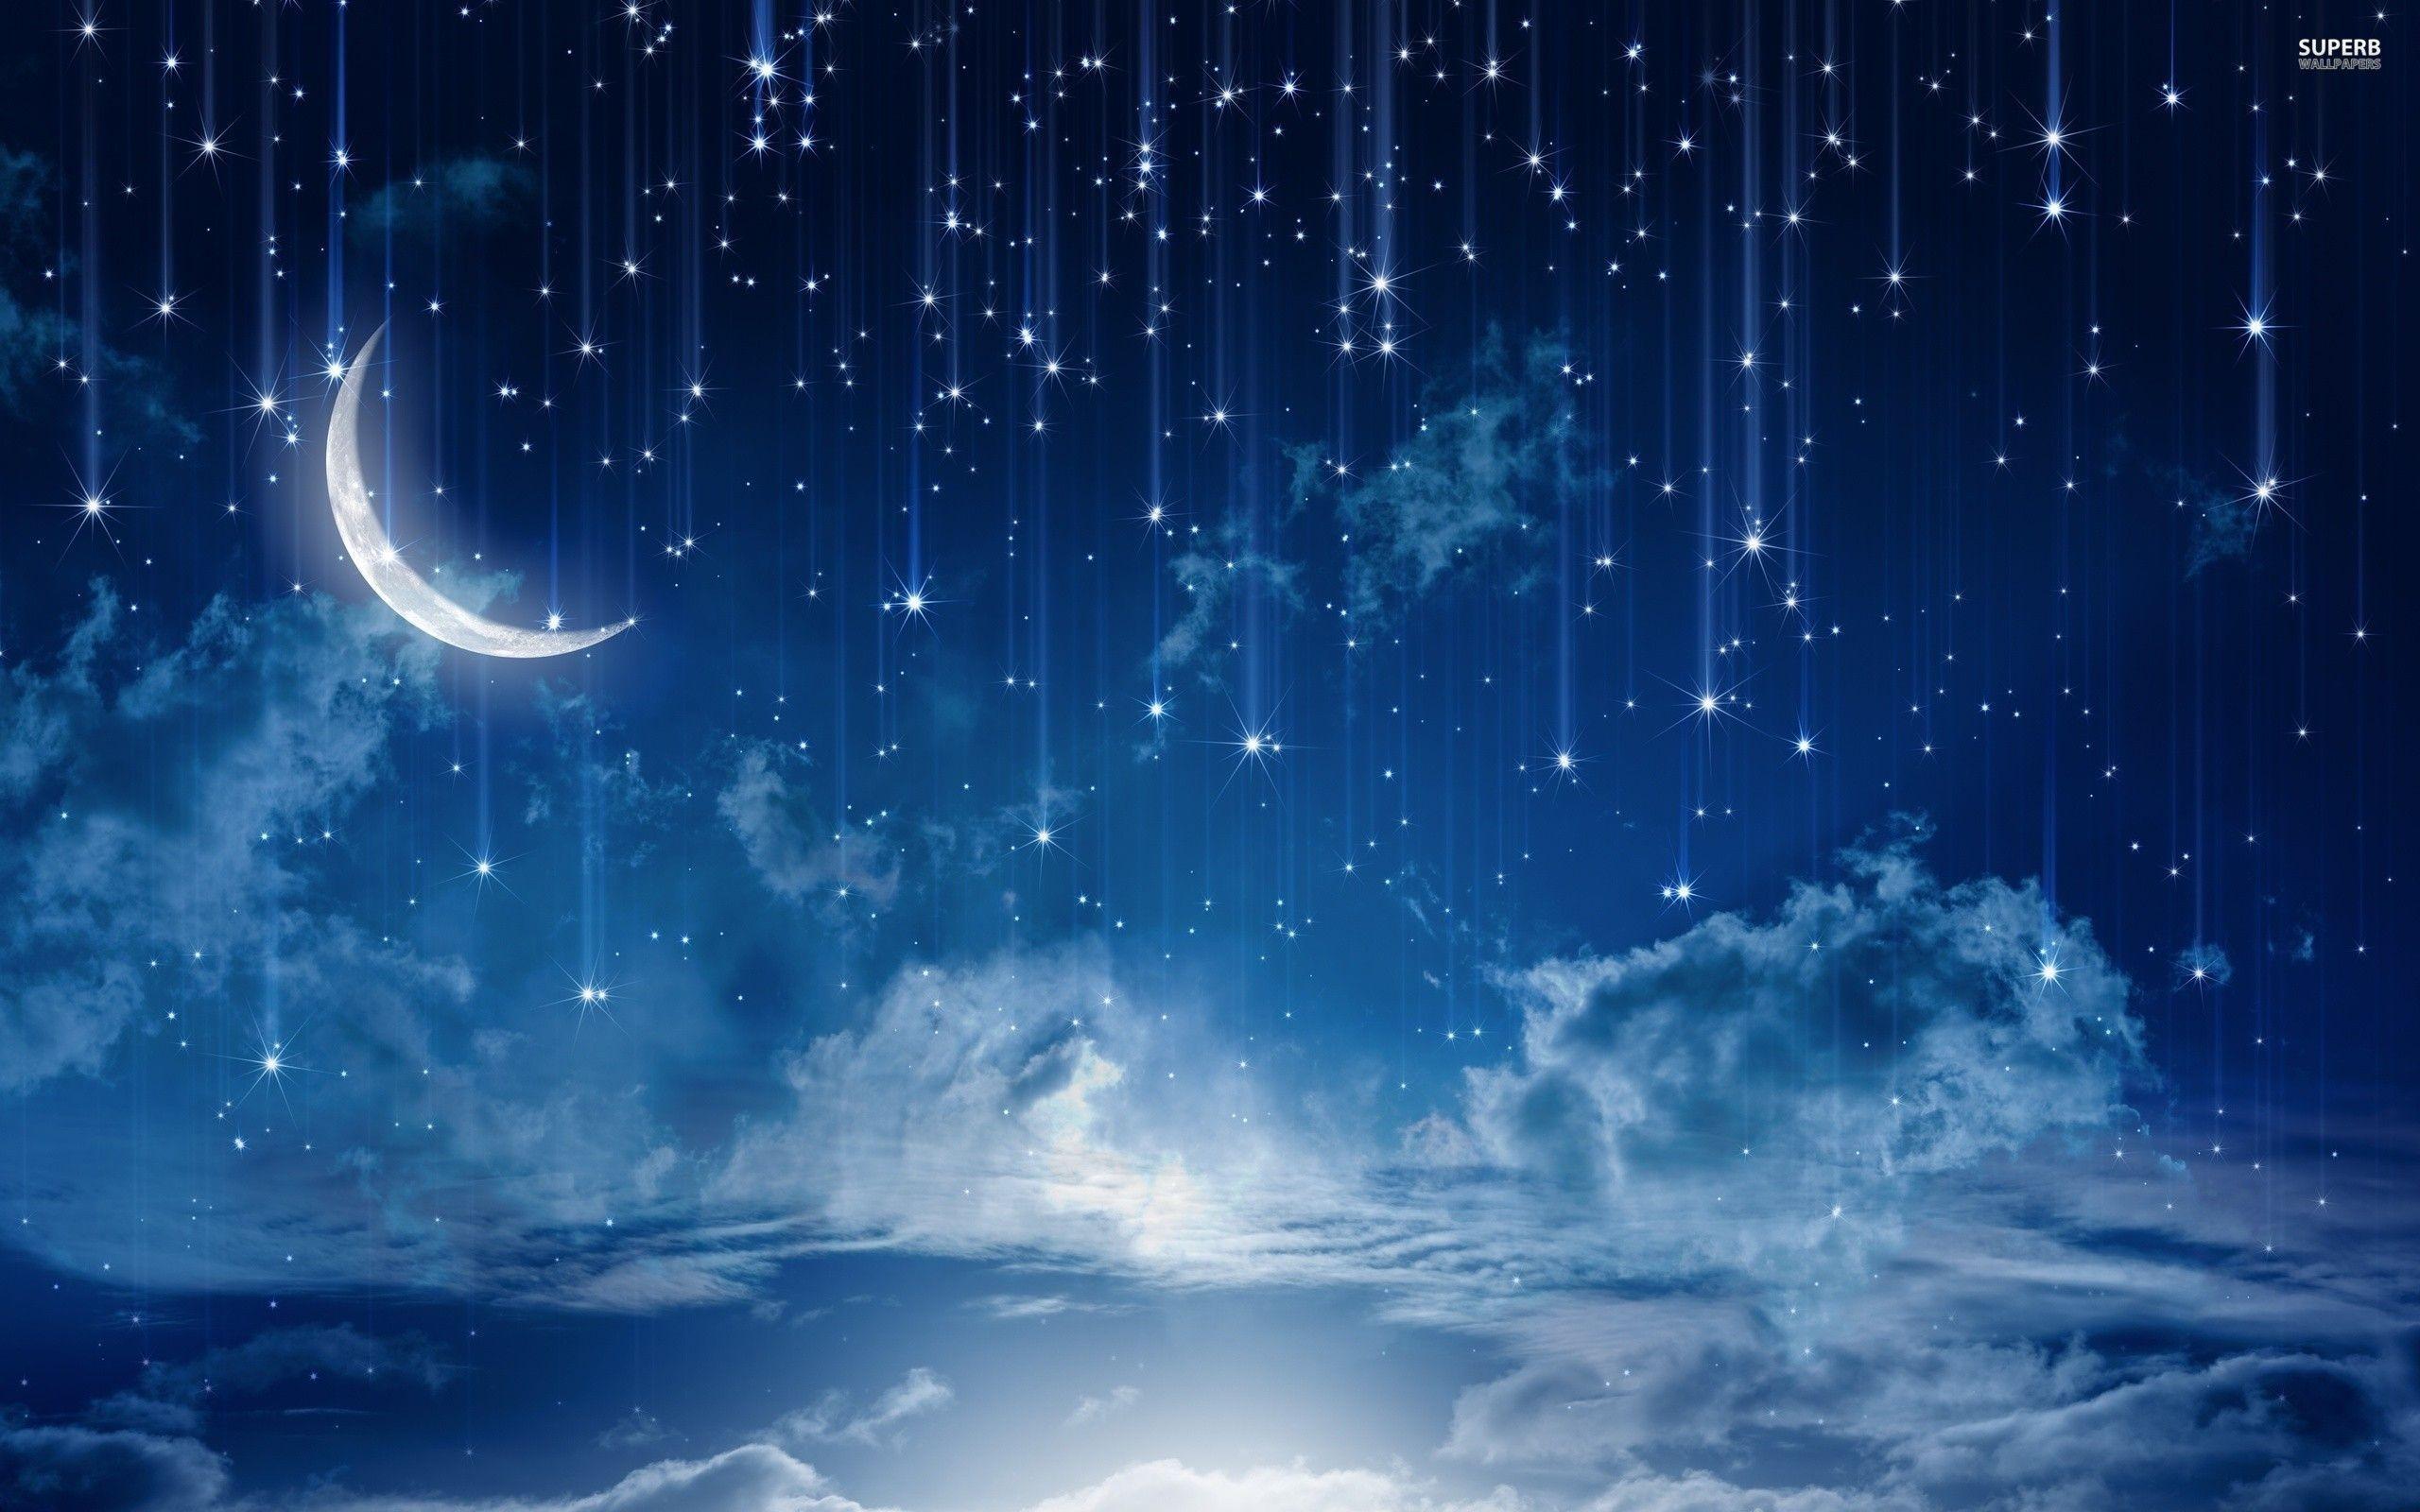 night ...